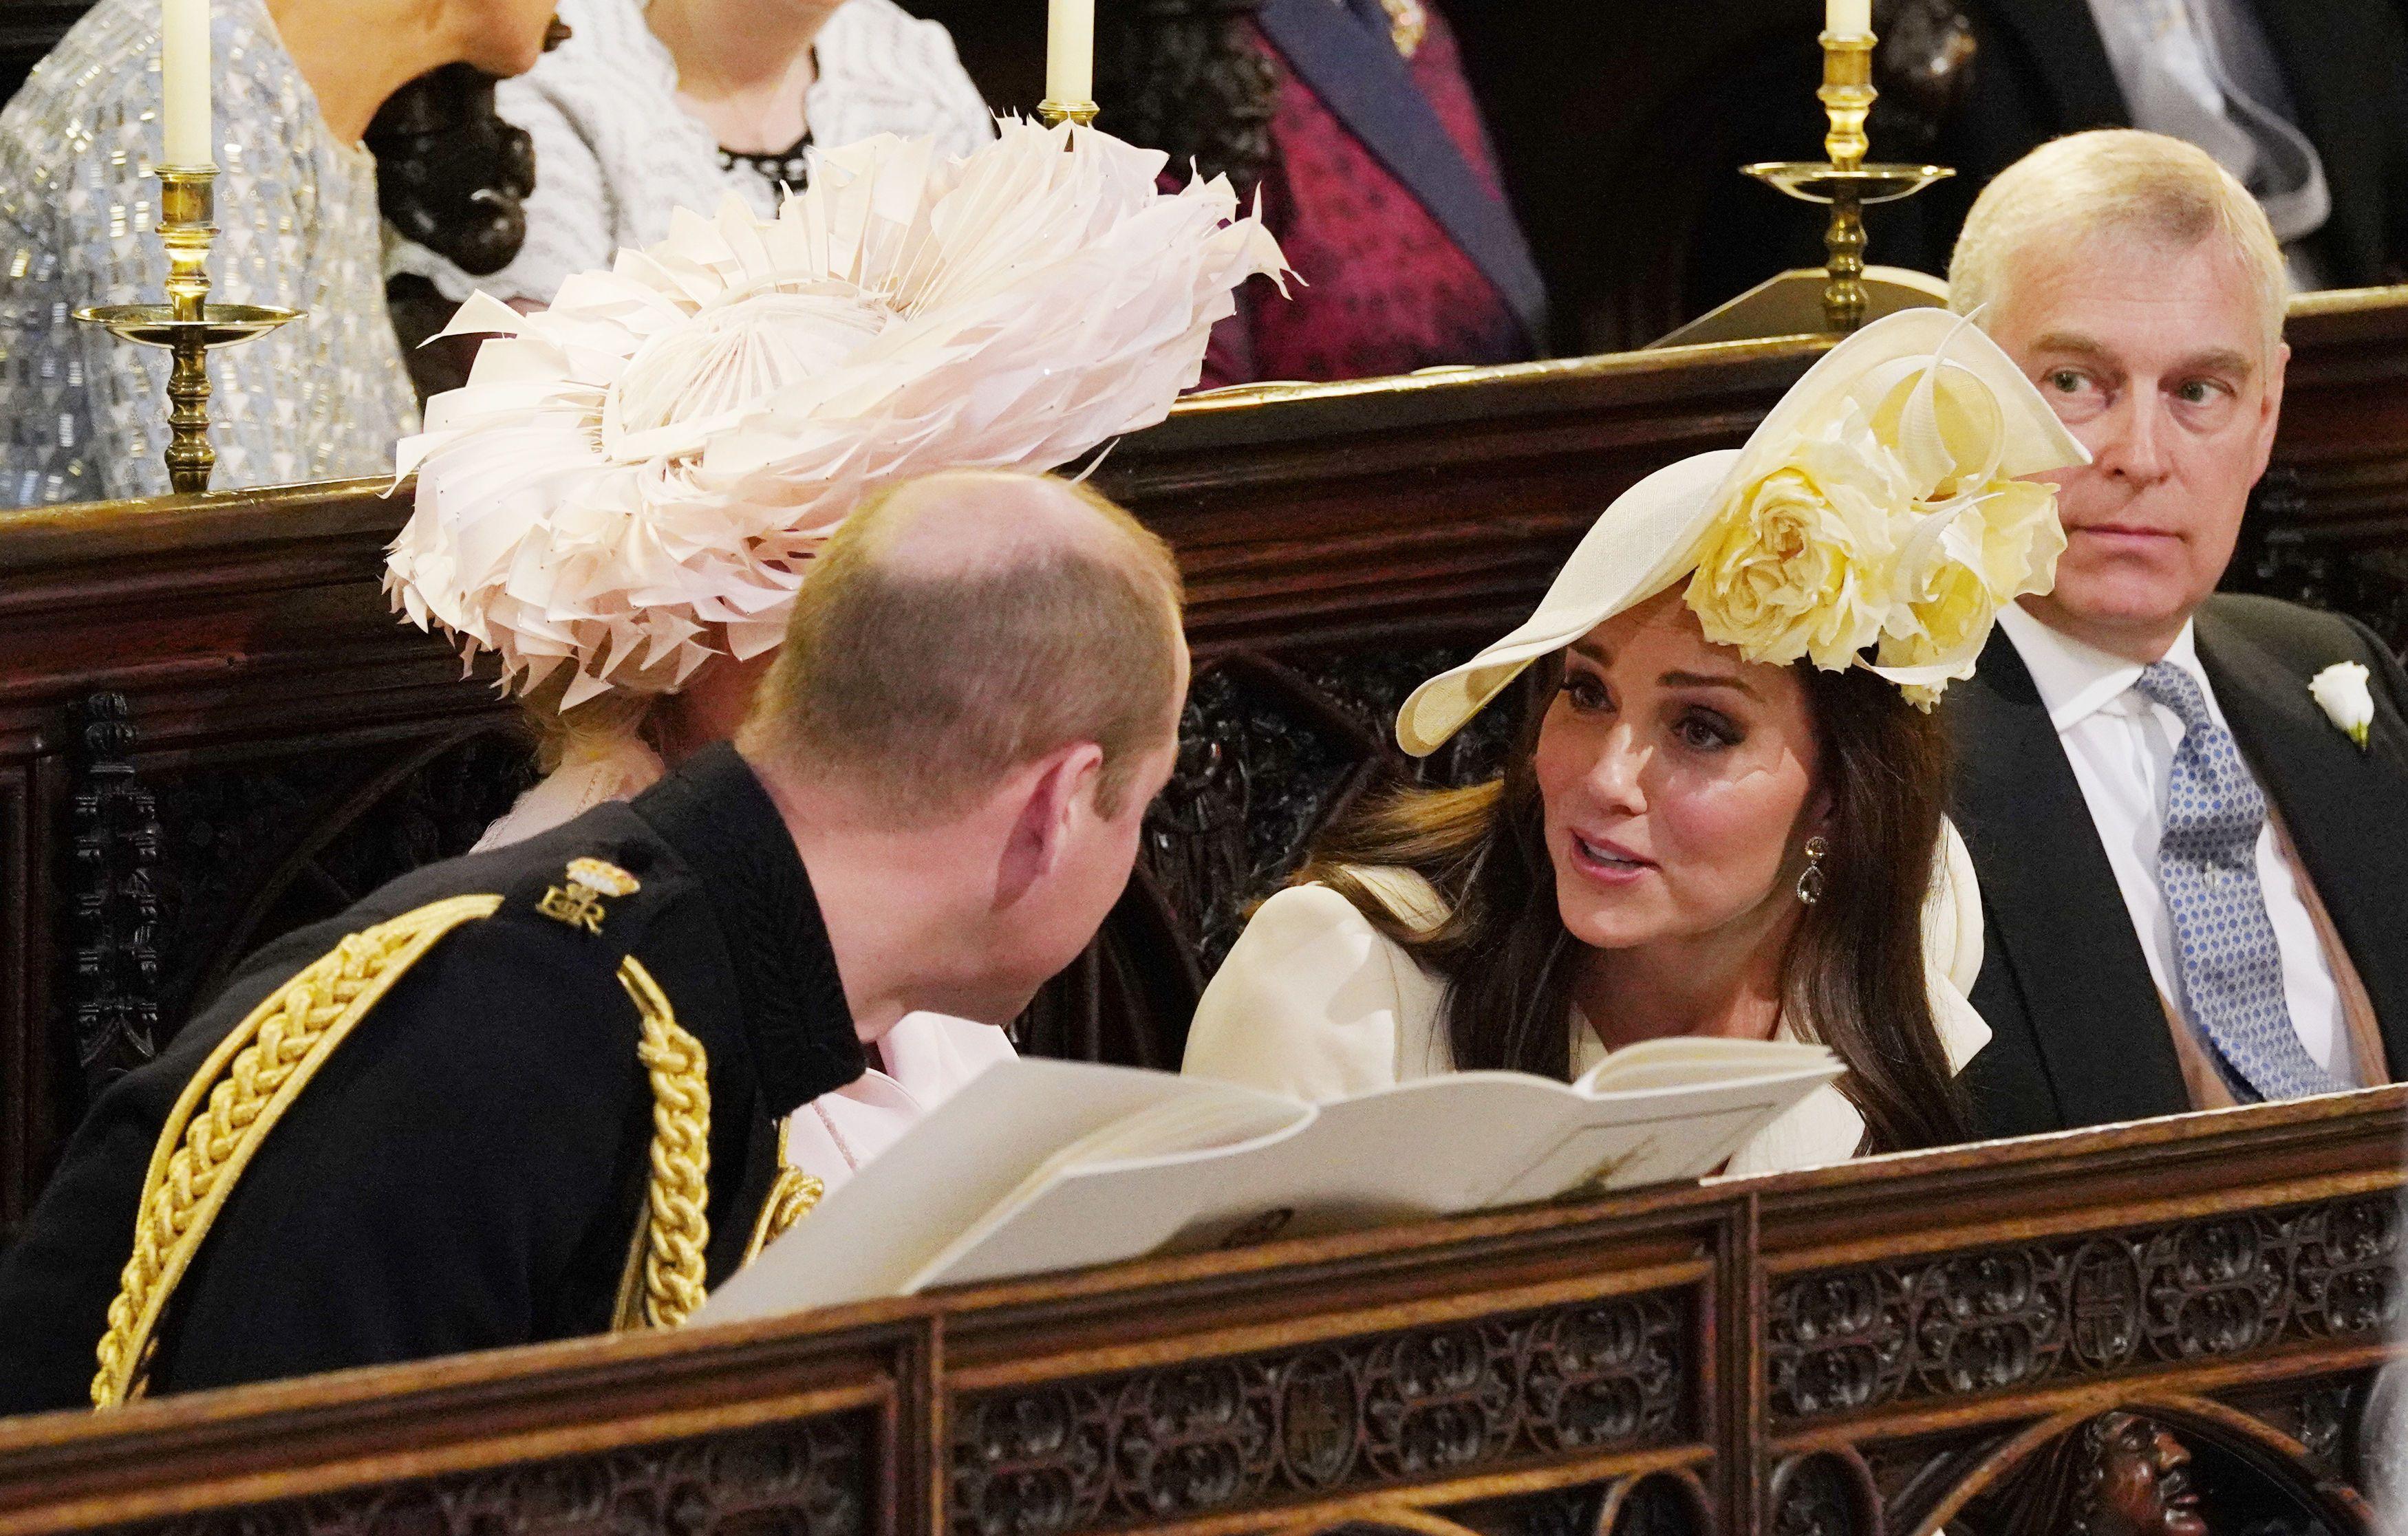 Ziemlich Brautjunferkleider In Champagnerfarbe Ideen - Hochzeit ...